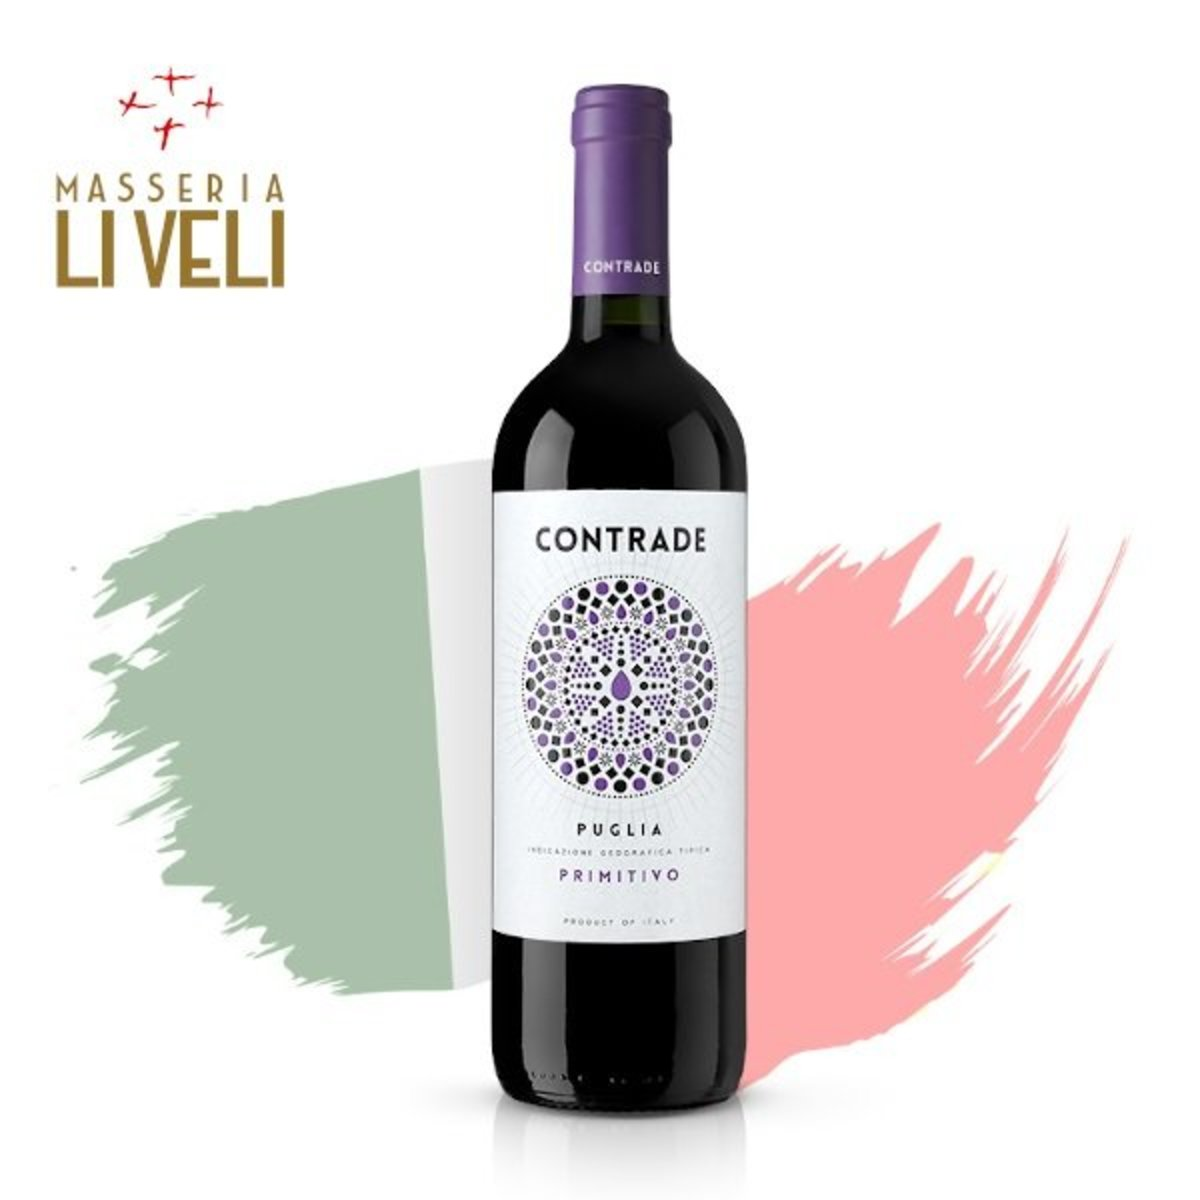 Contrade Primitivo IGT 2016 紅酒